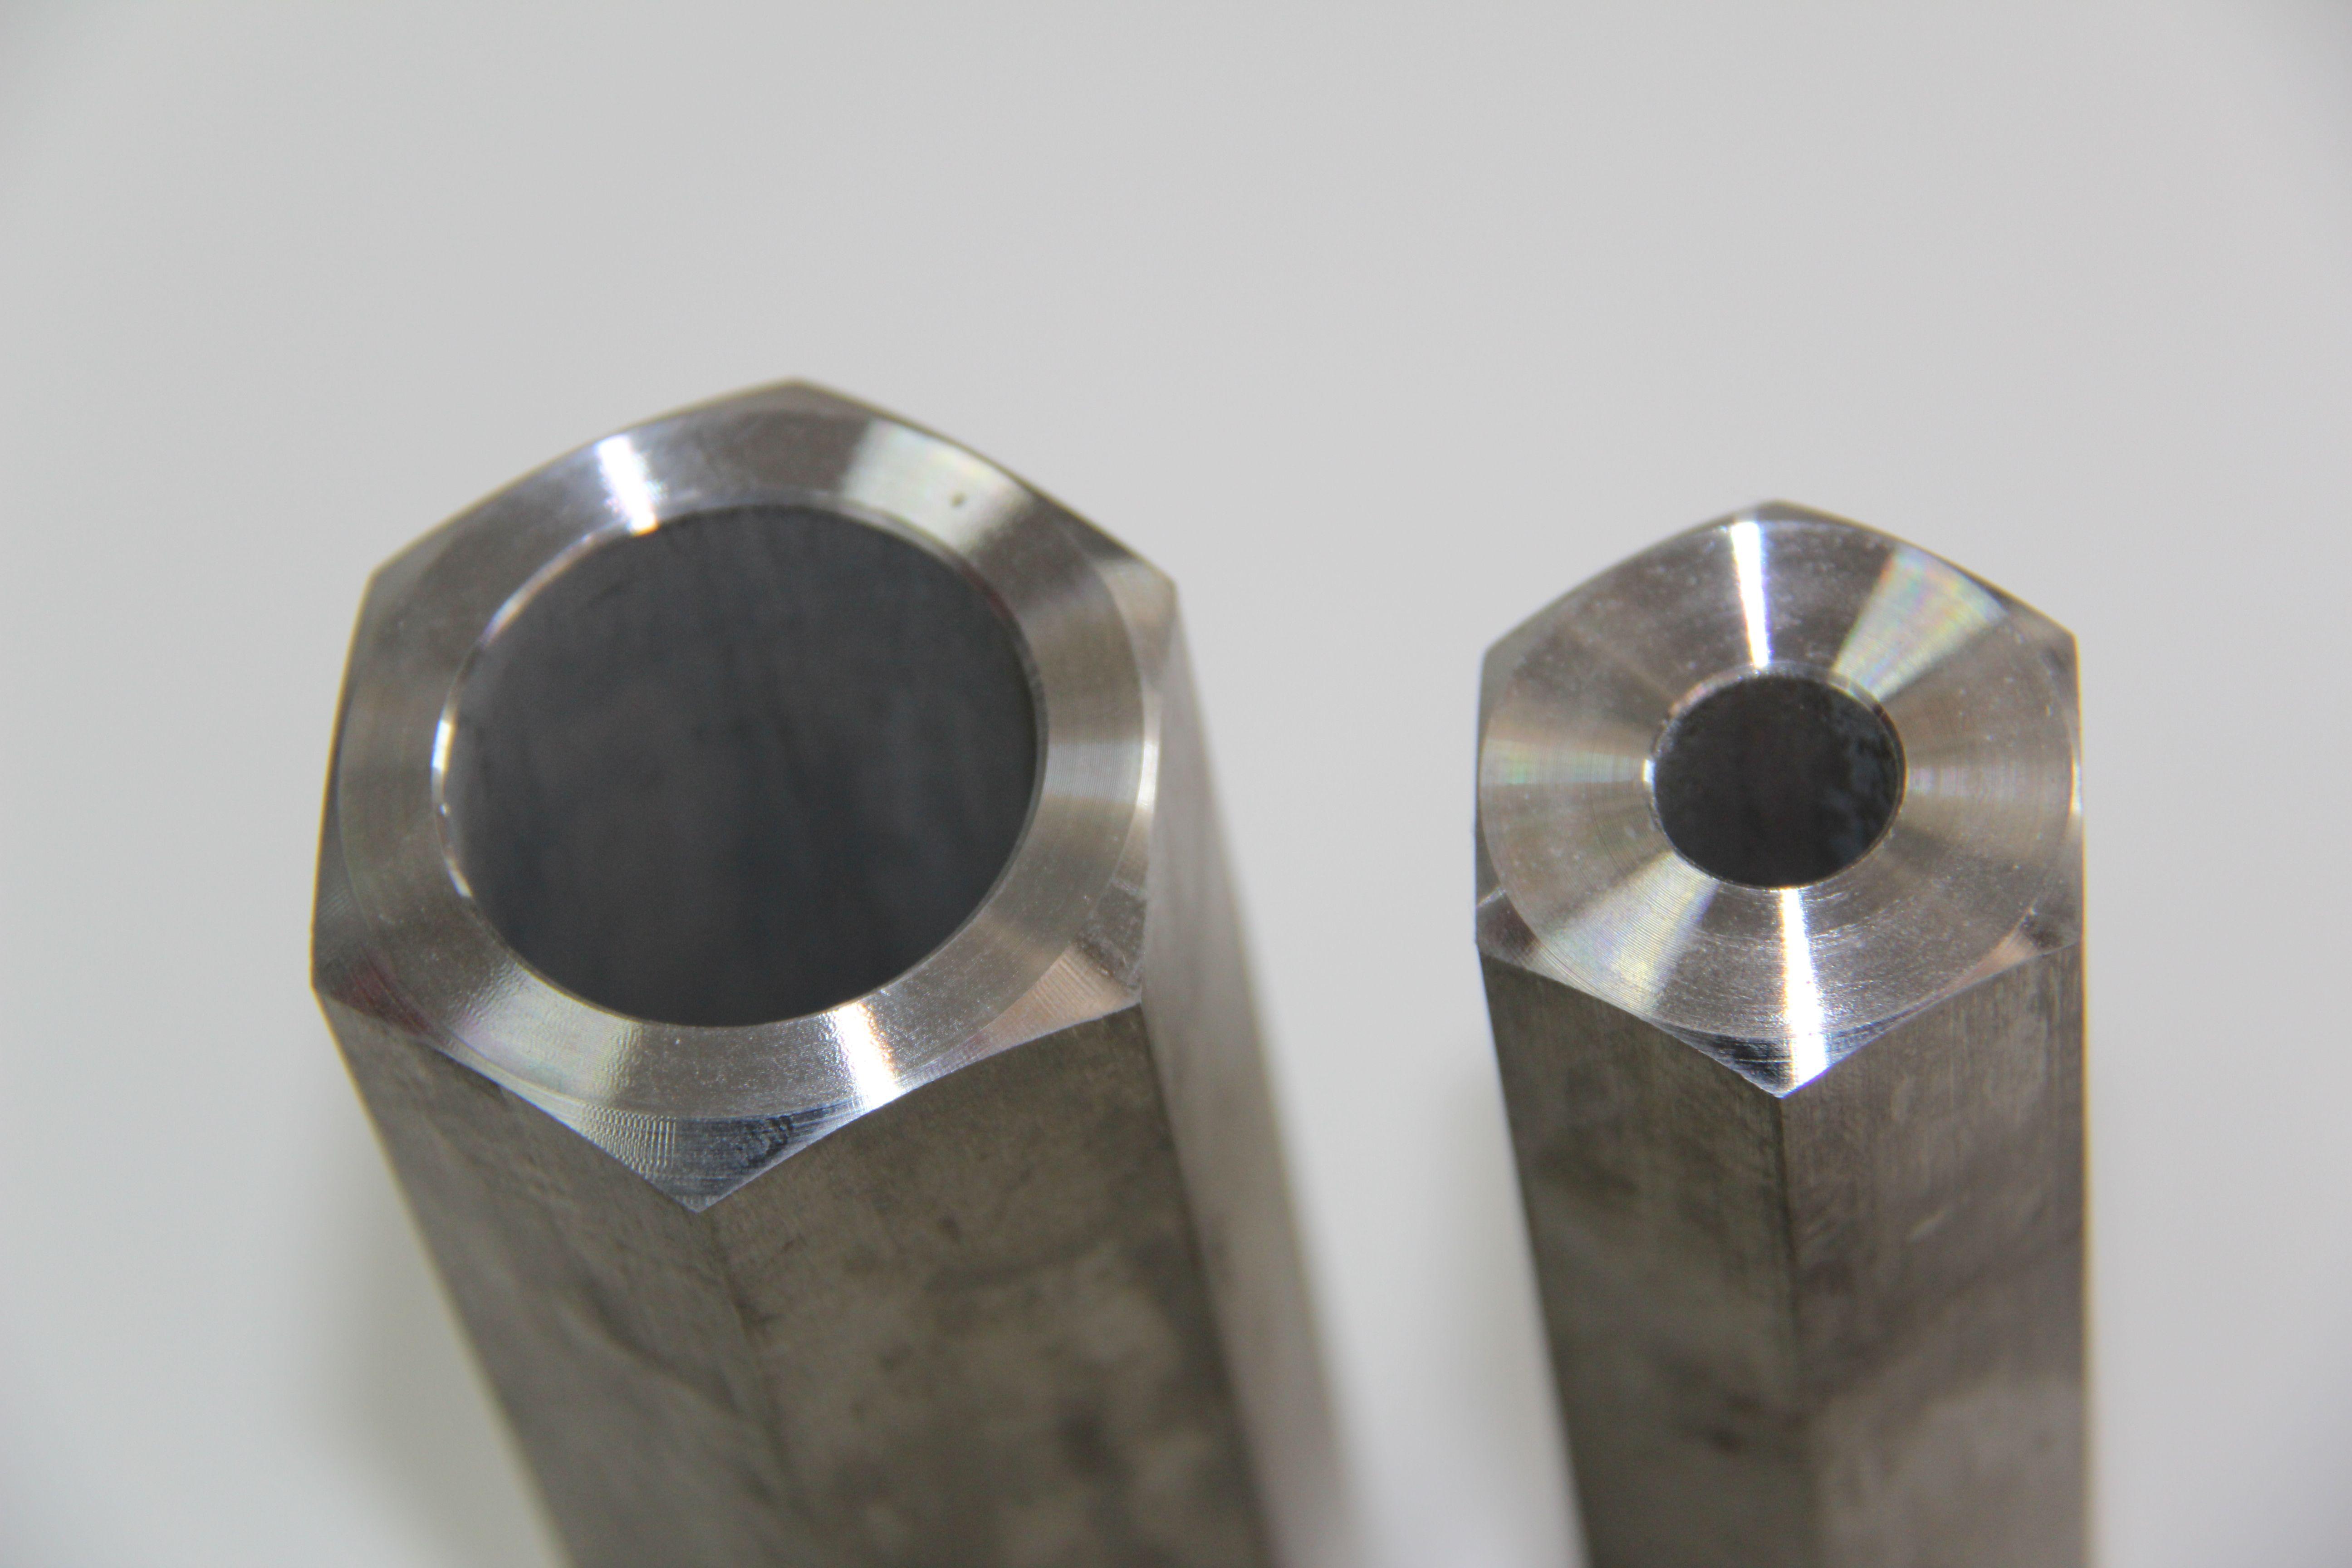 Hex Tubing Stainless Steel Tubing Steel Hex